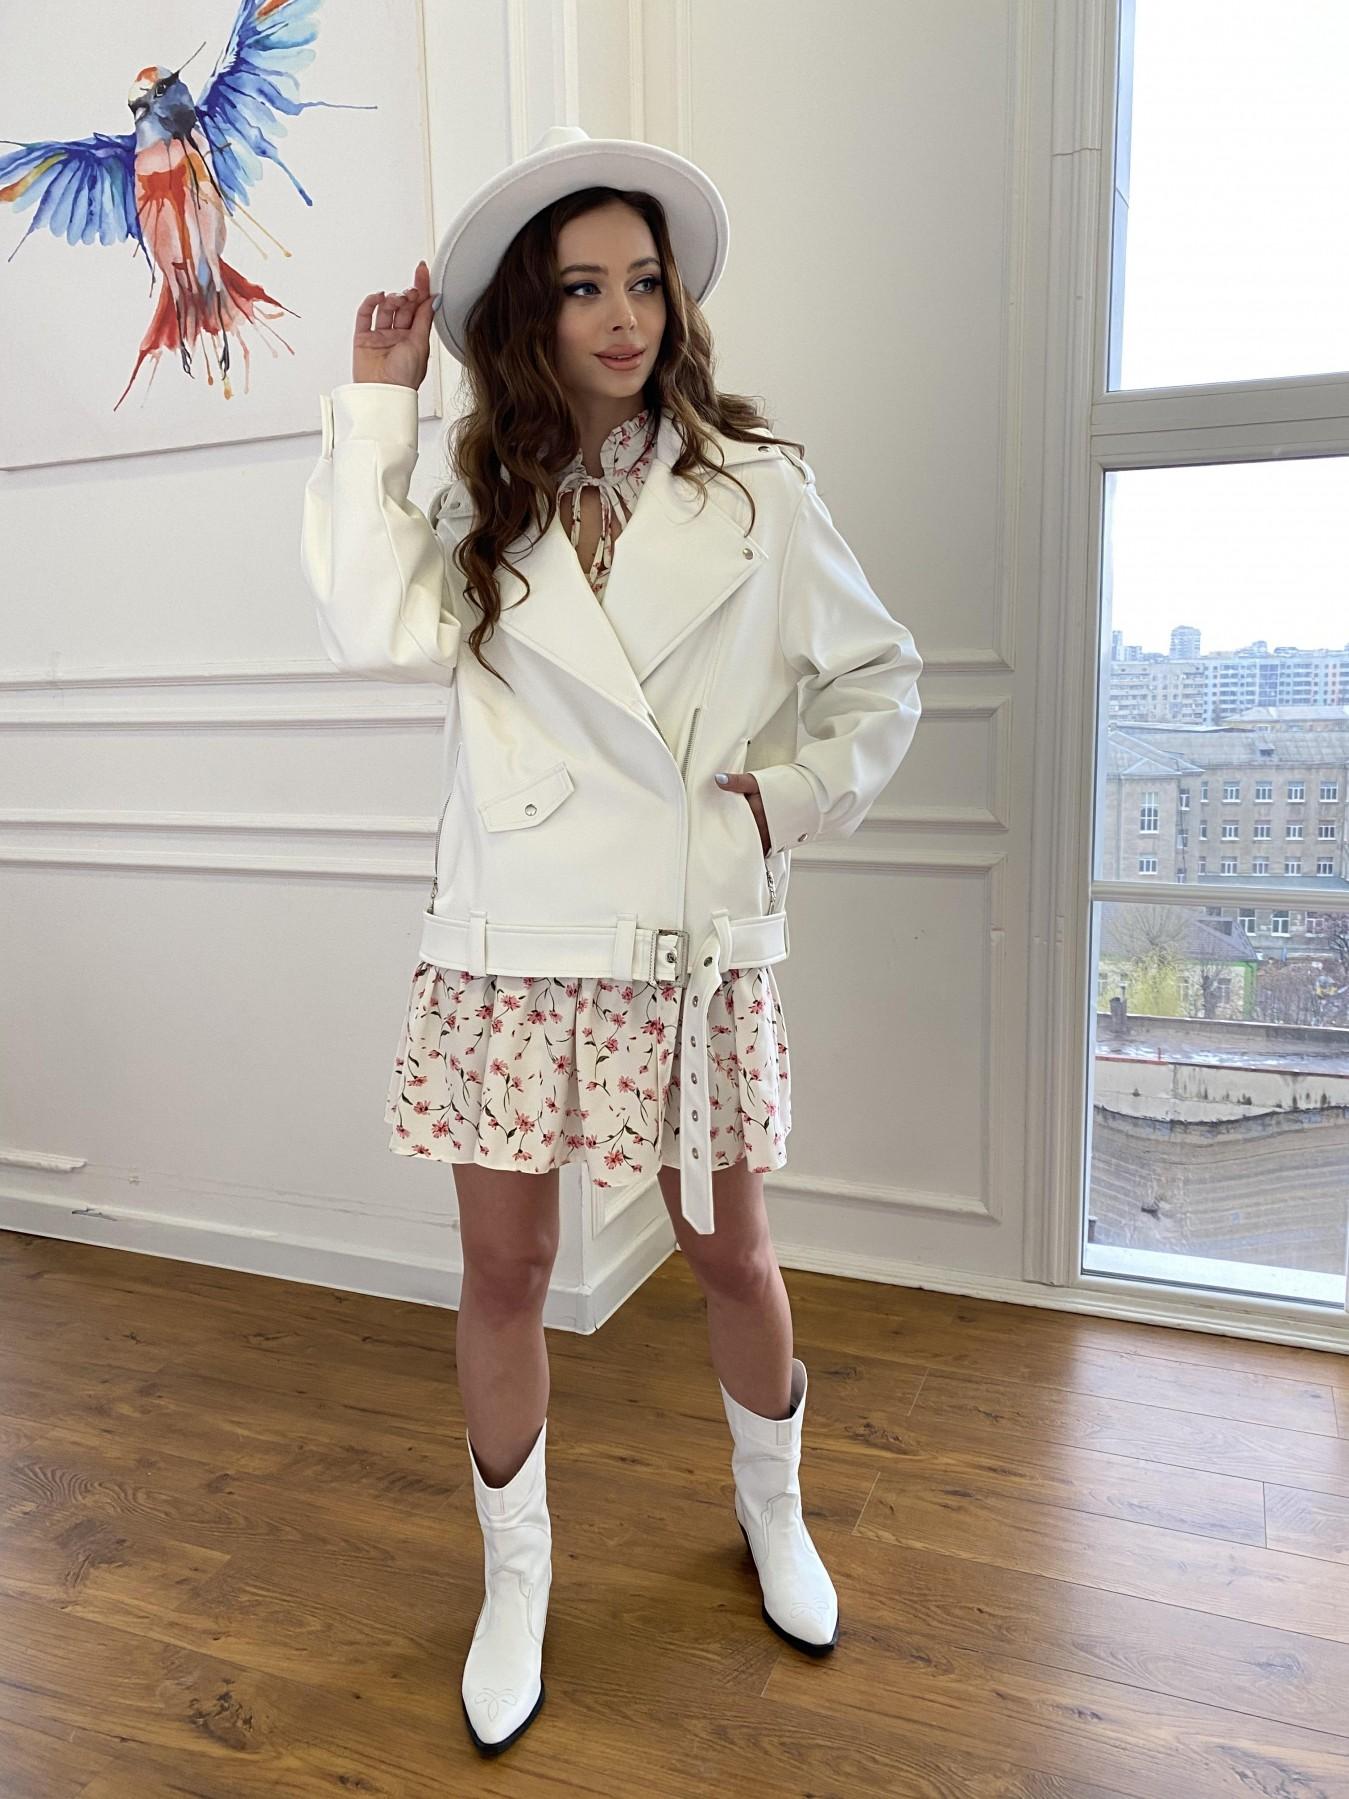 Фора куртка из экокожи прокатанная 11204 АРТ. 47716 Цвет: Молоко - фото 10, интернет магазин tm-modus.ru